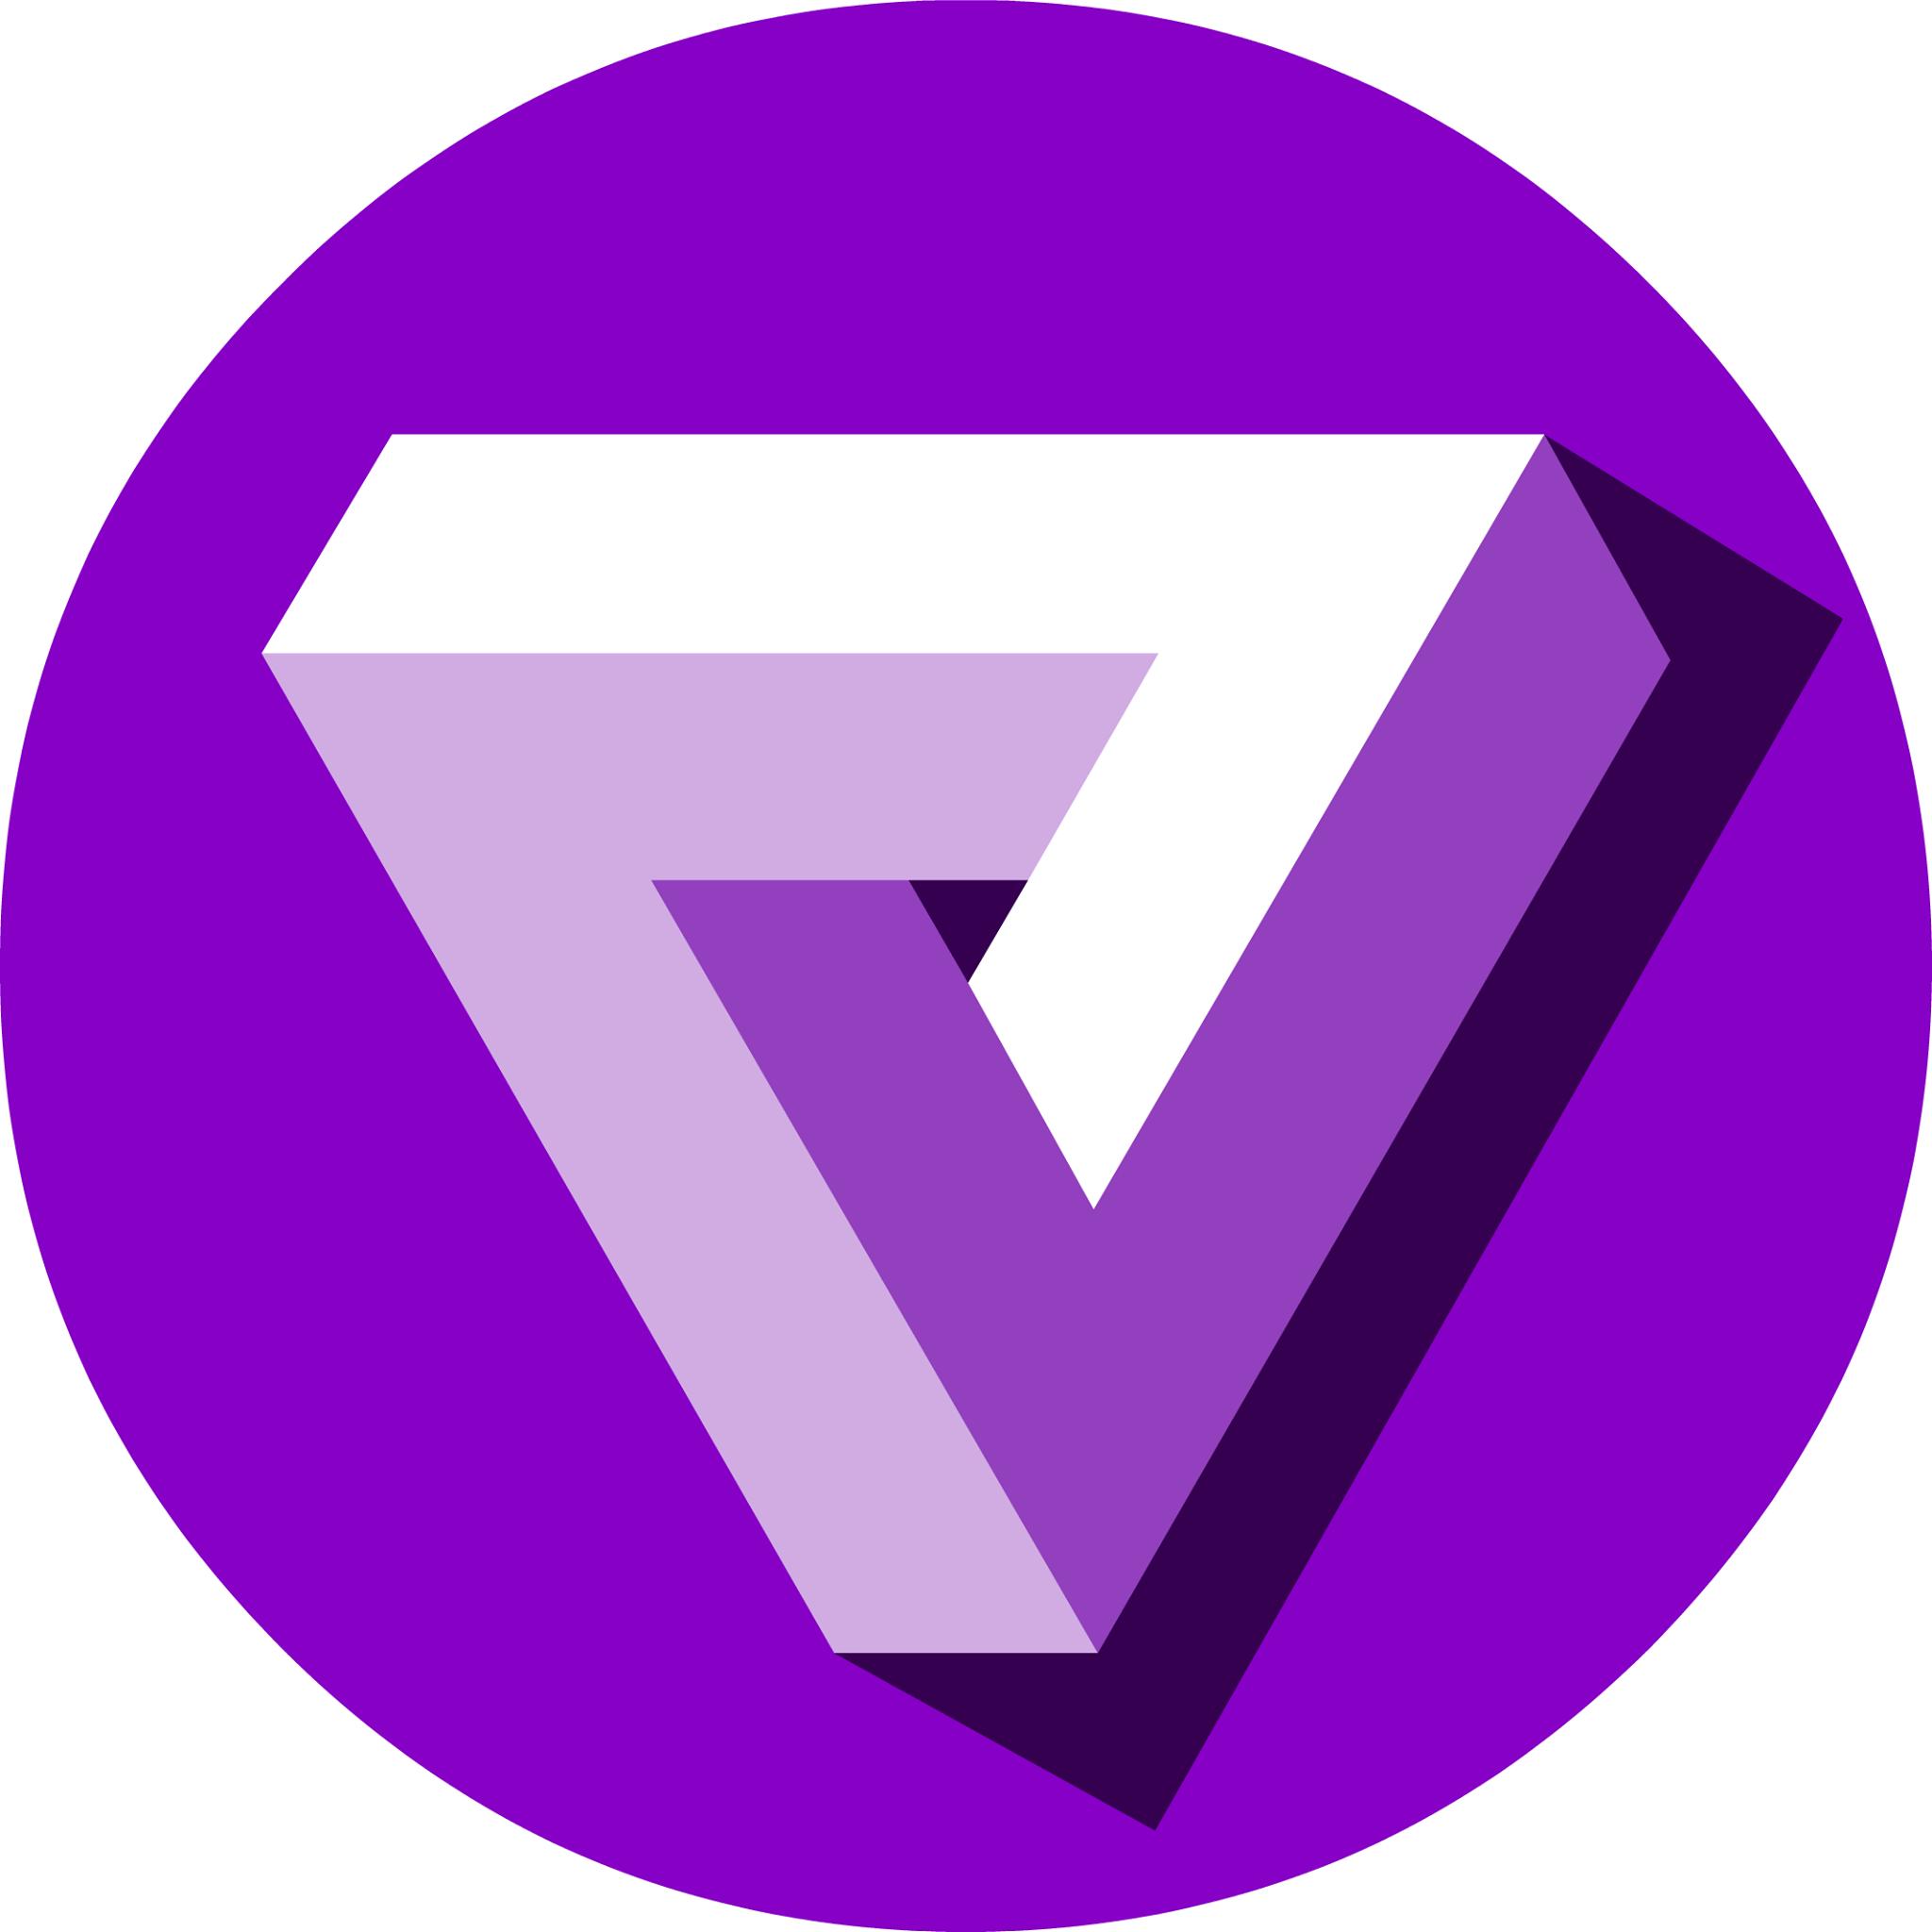 Violet LMS